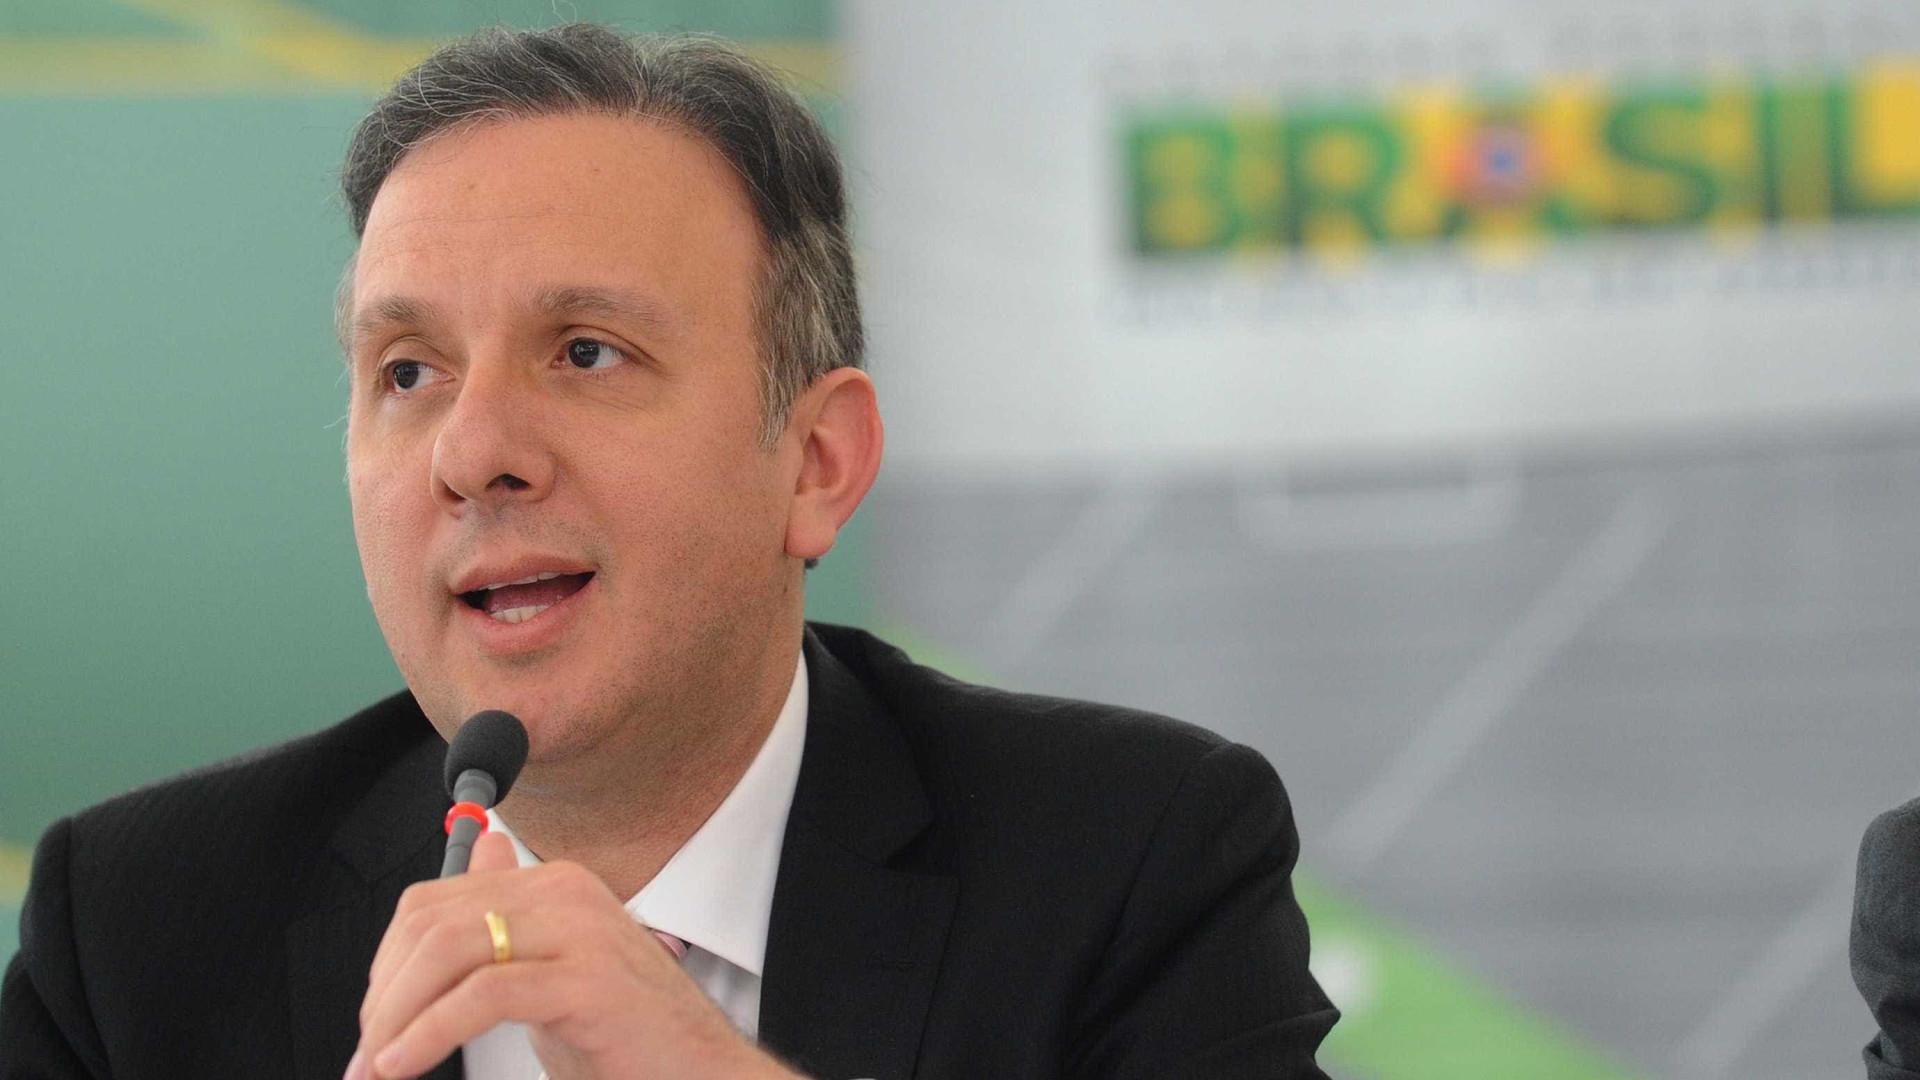 Líder do governo prevê aumento de votos favoráveis à reforma